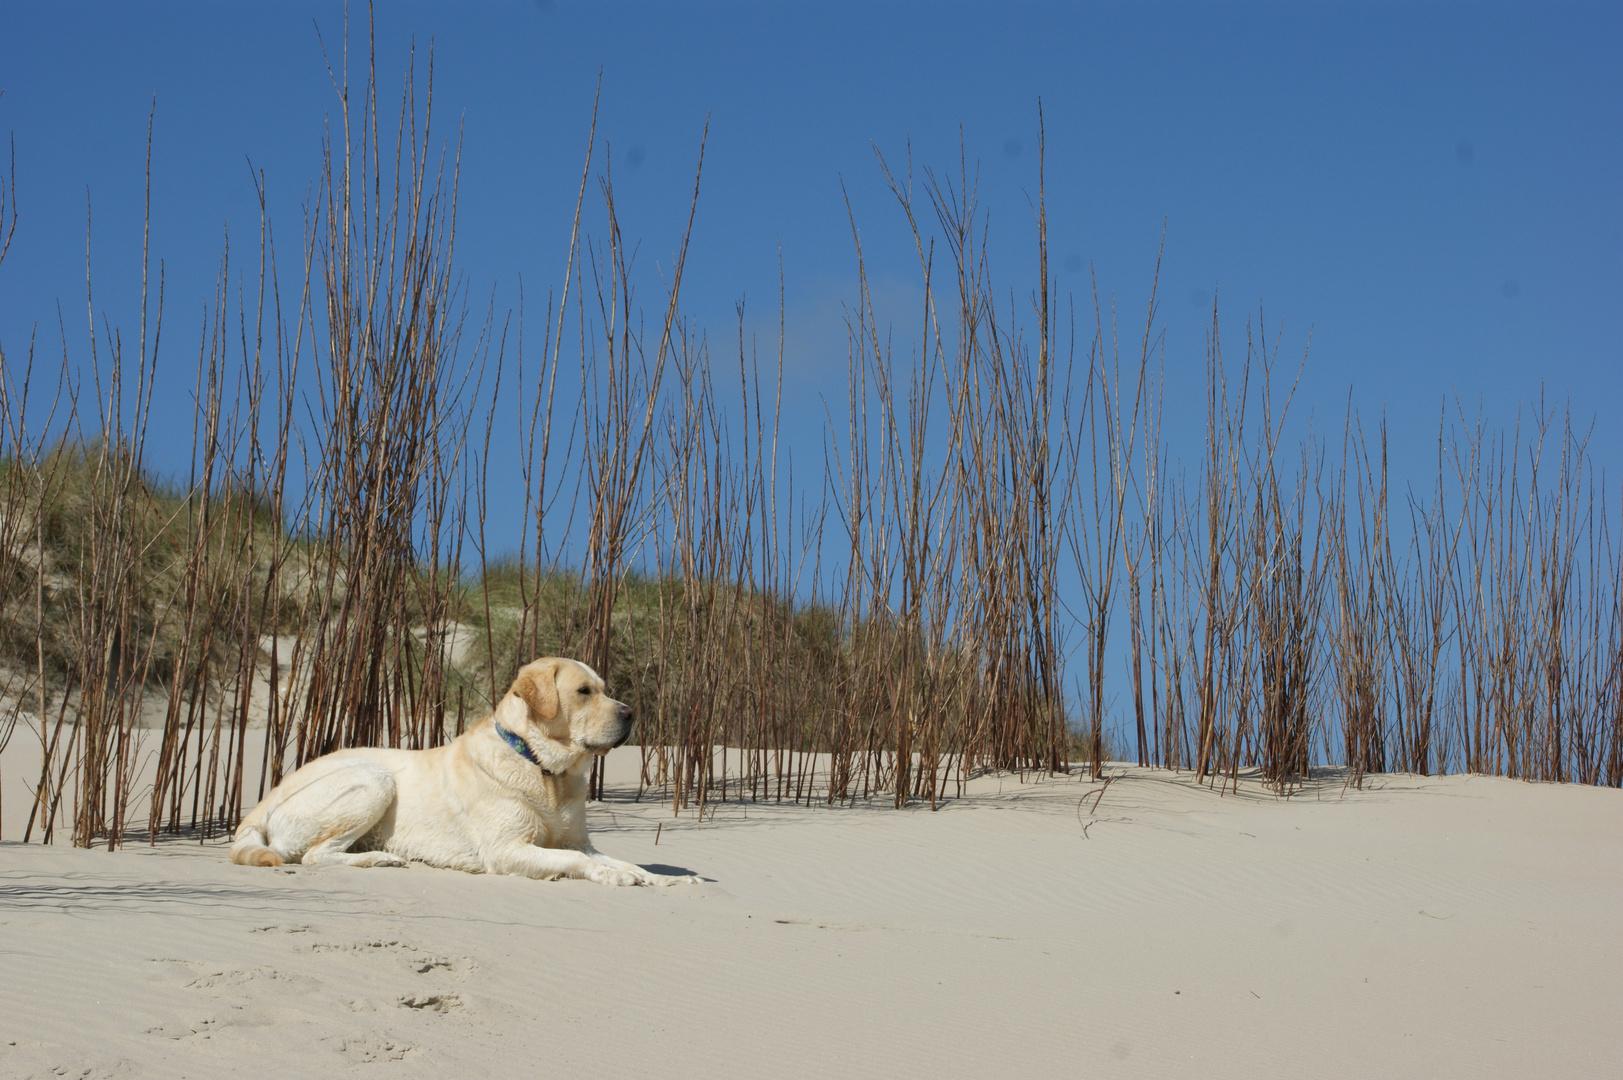 Merlin sonnt sich am Strand